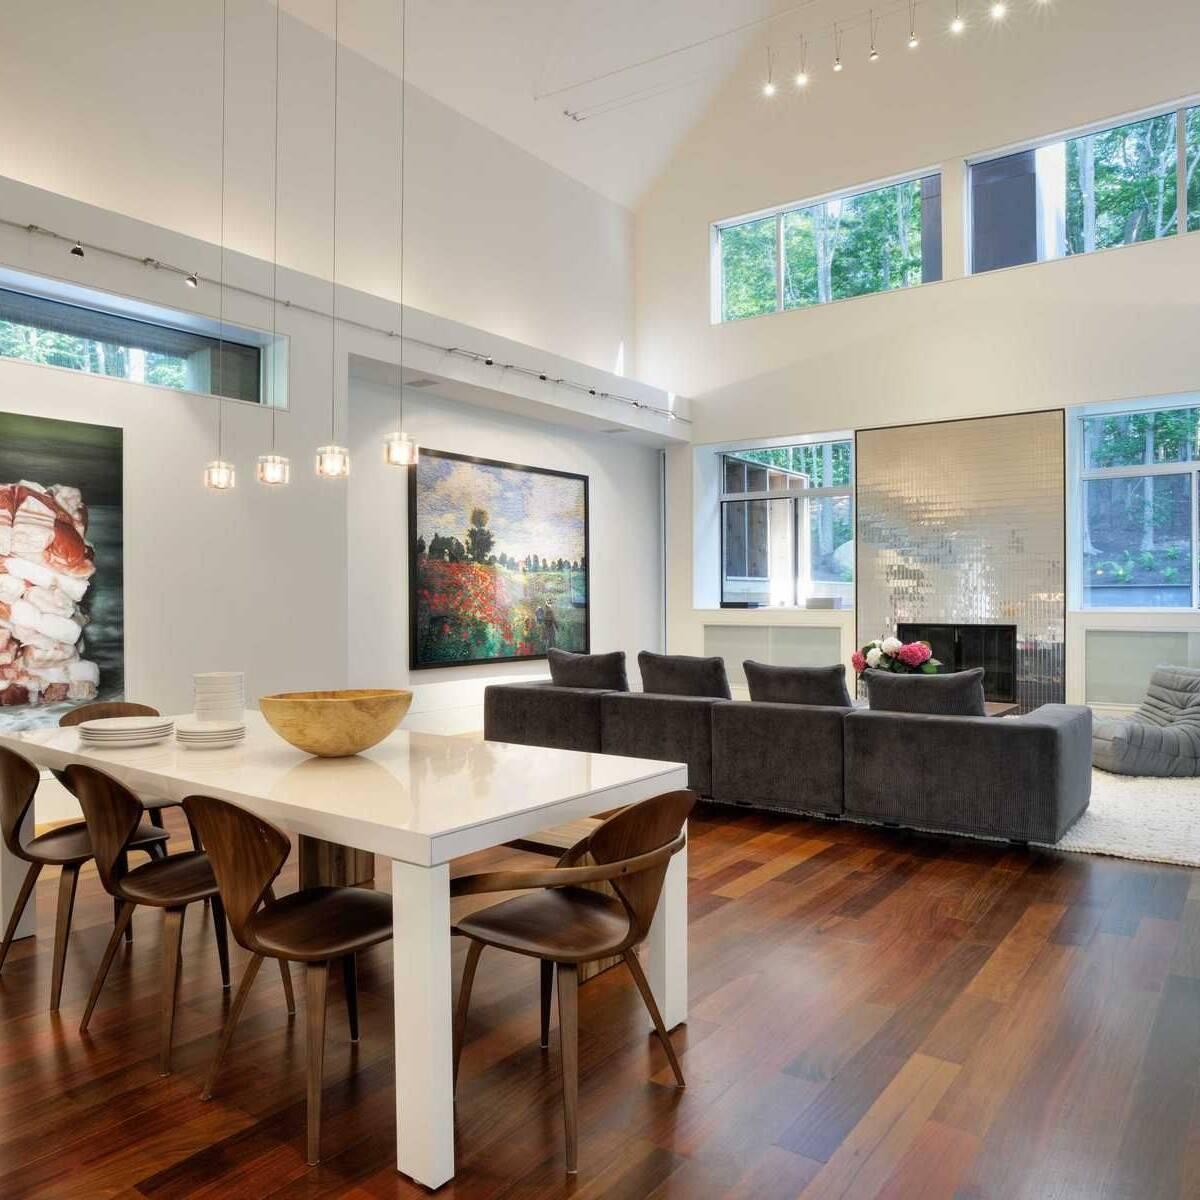 mobilier functional pentru amenajare living - parchetul lemn prima mobila